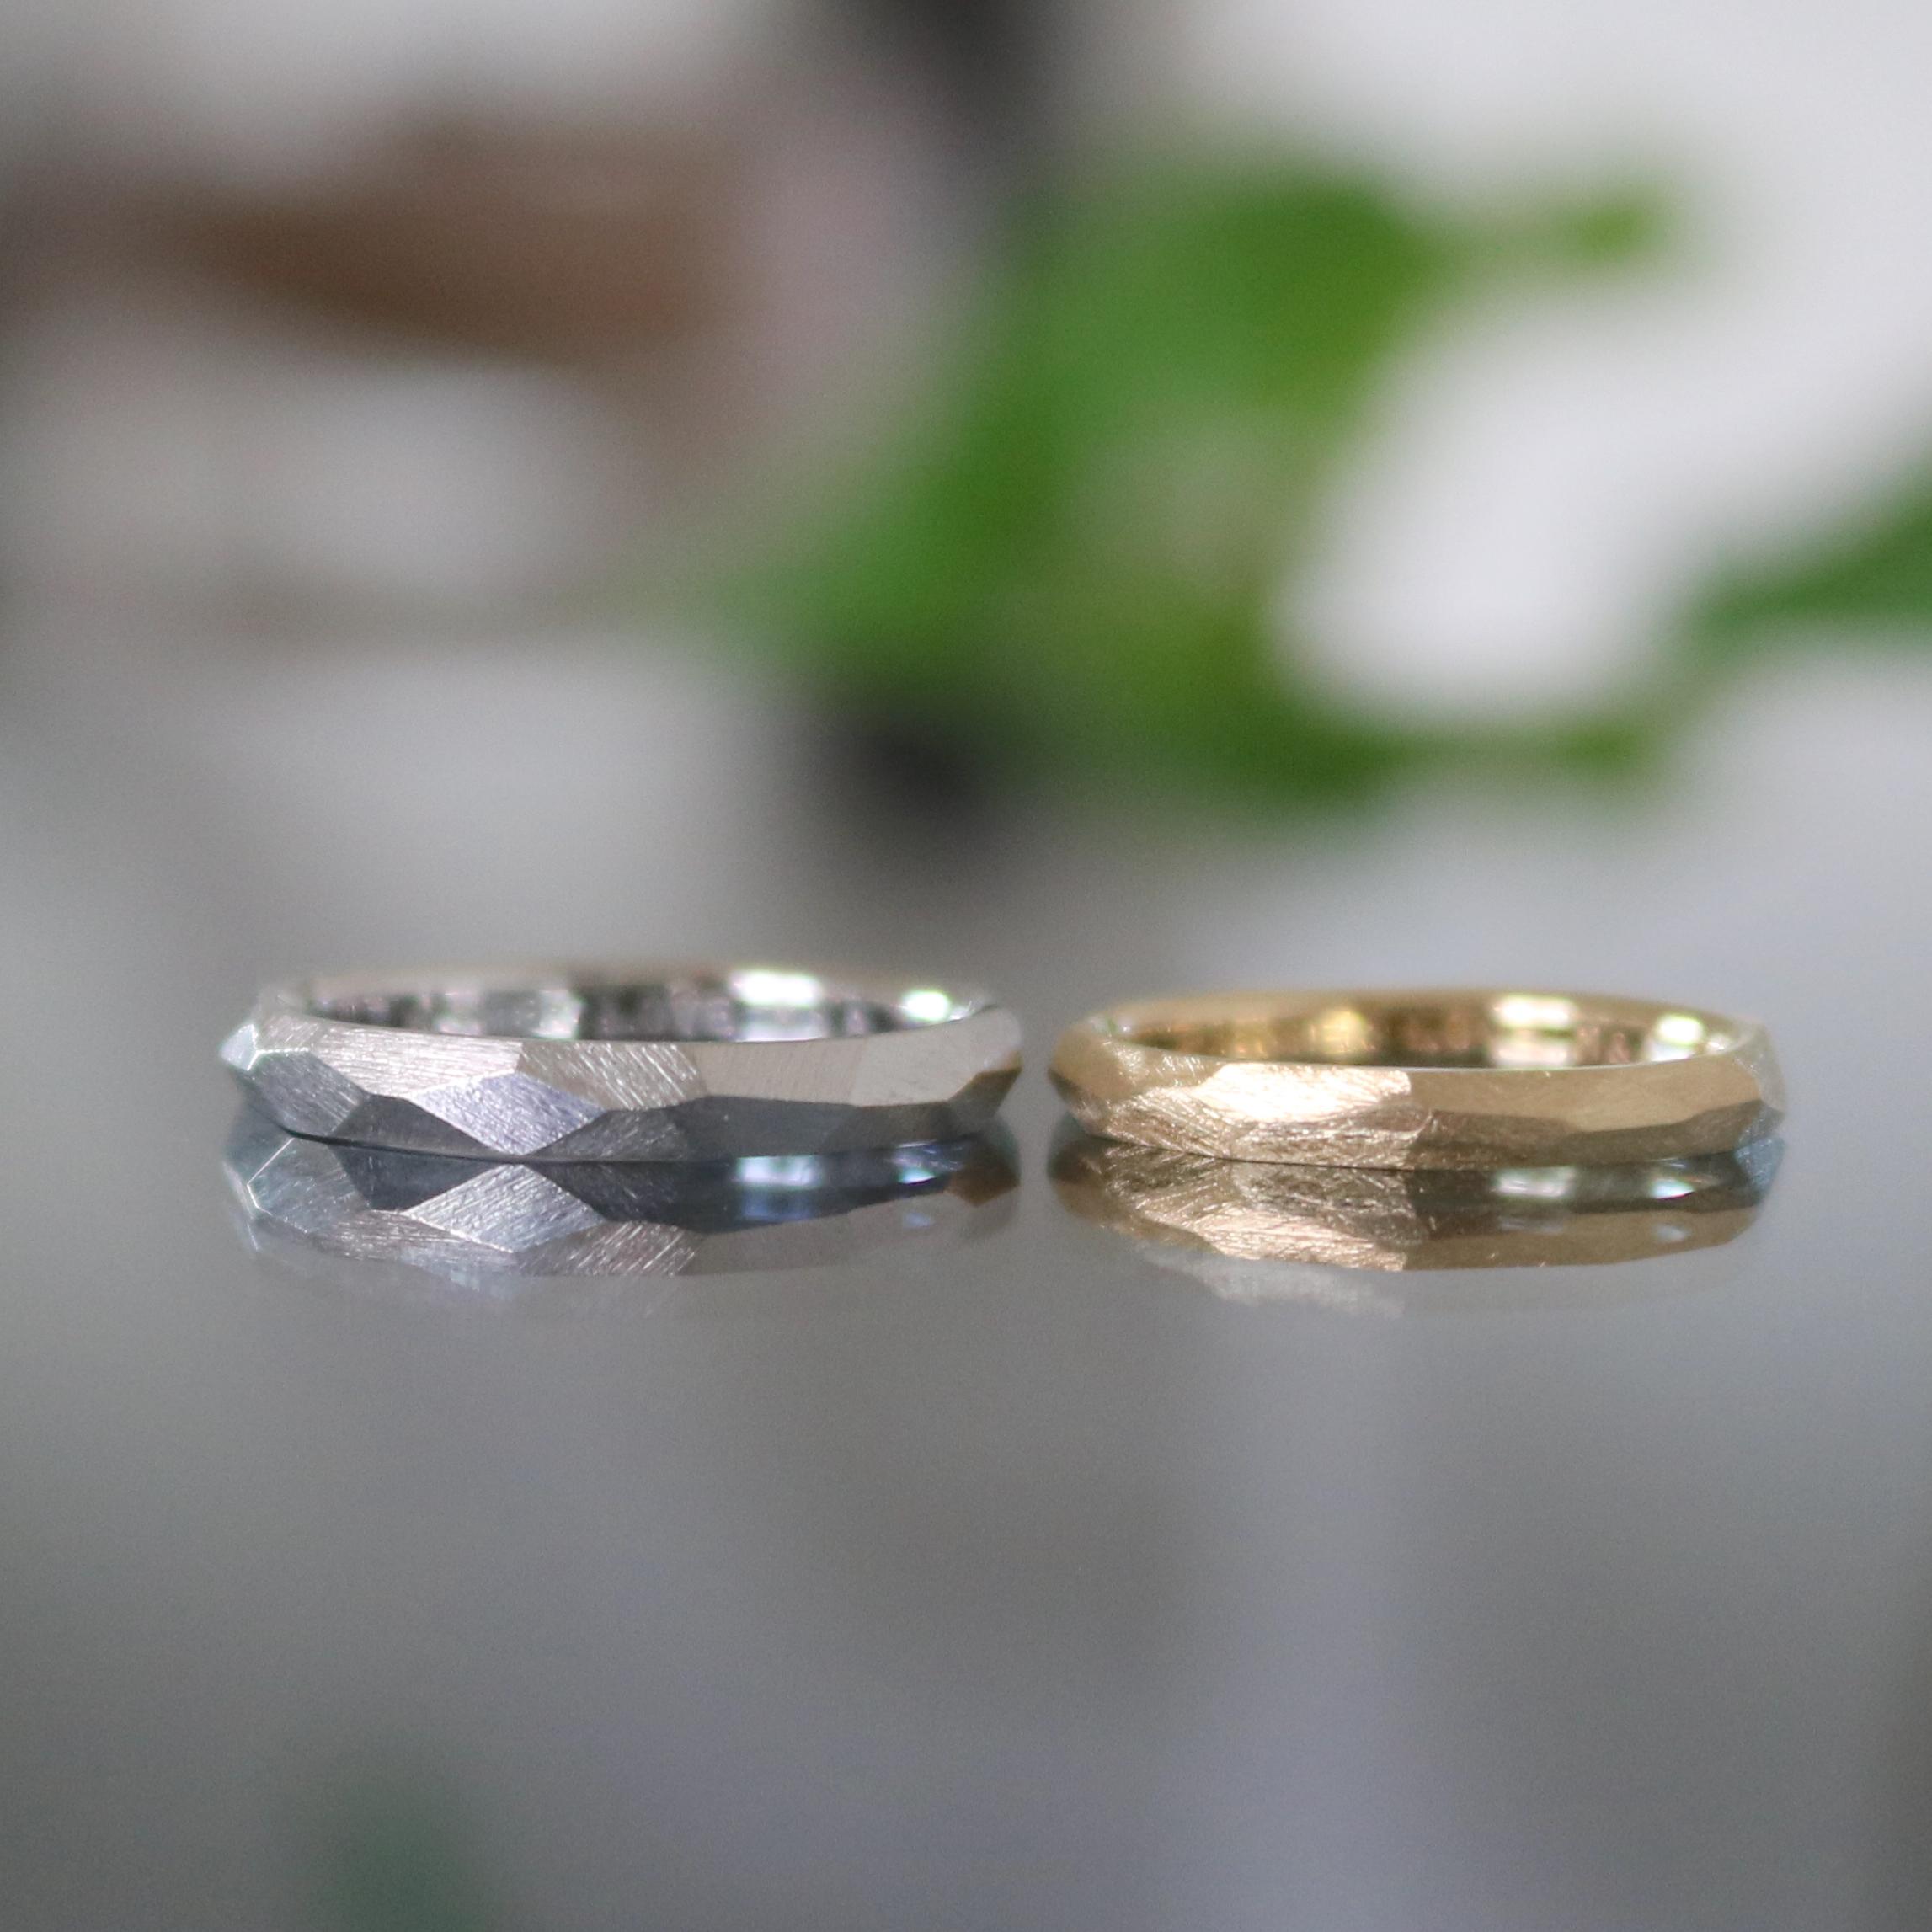 マットな結婚指輪